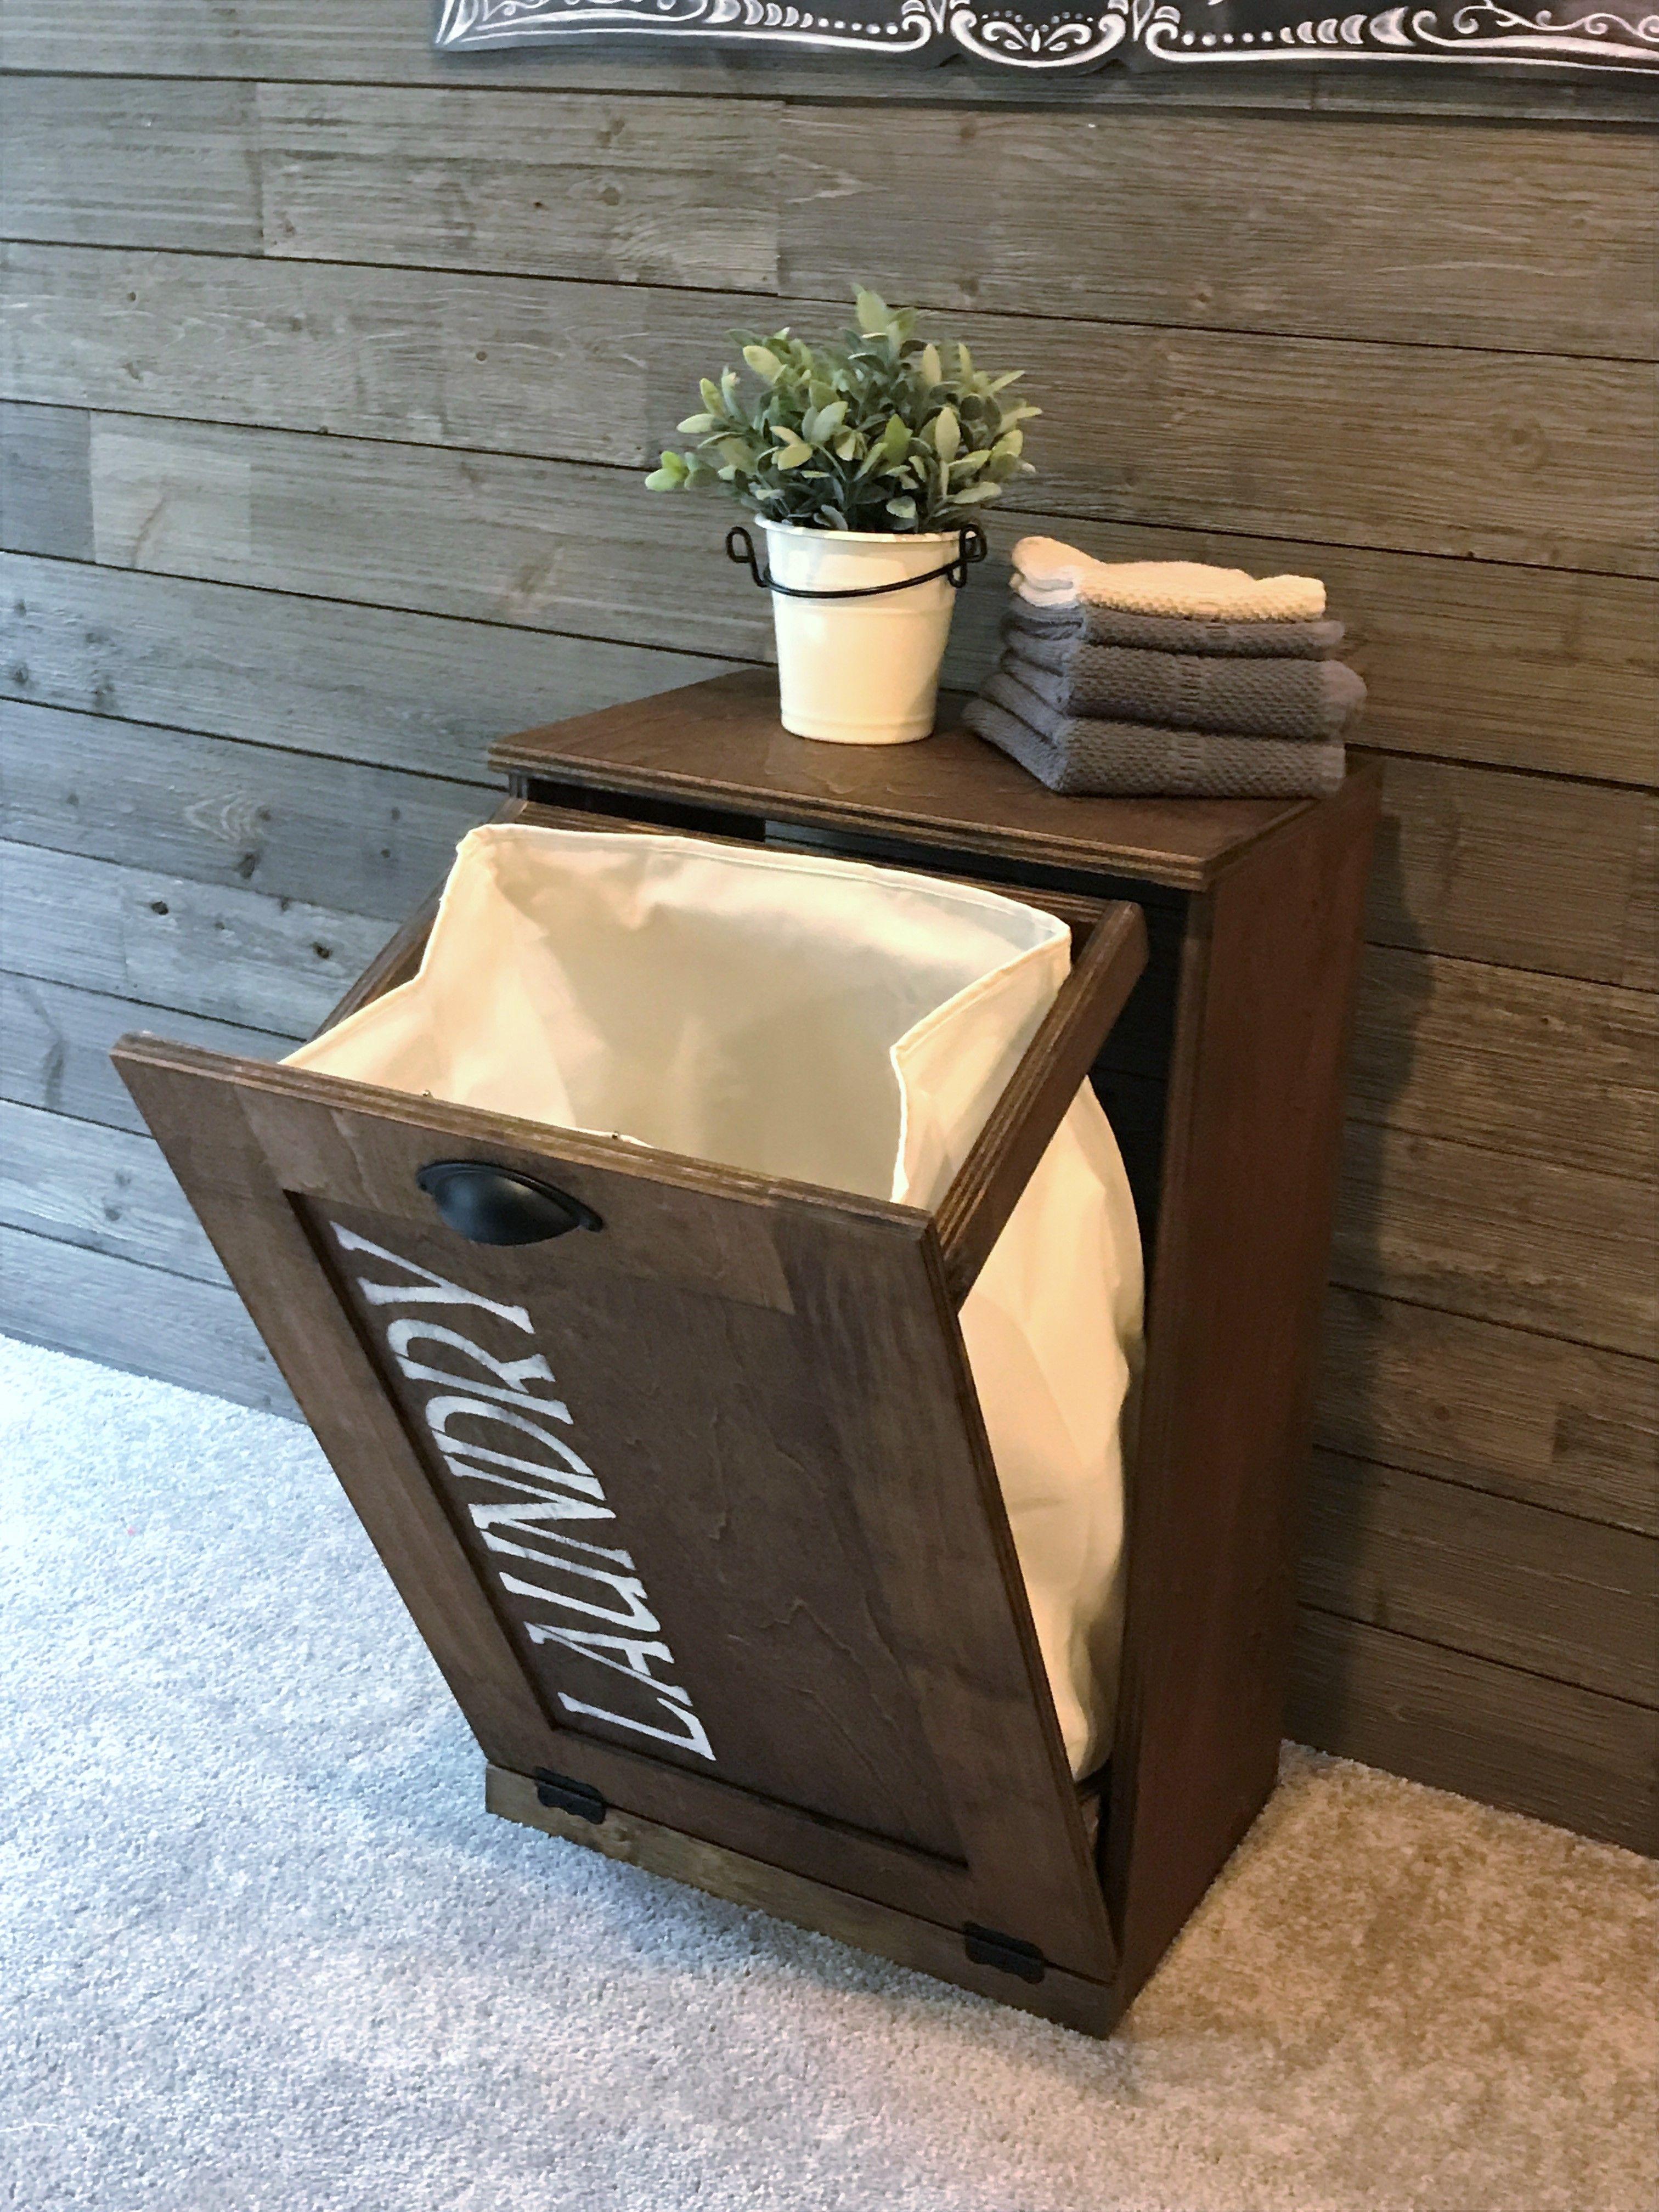 Tilt Out Trash Bin Double Trash Bin With A Drawer Vist Us At Lovemade14 Com To Design Your Tilt Out Trash Laundry Bags Diy Laundry Hamper Laundry Hamper Diy